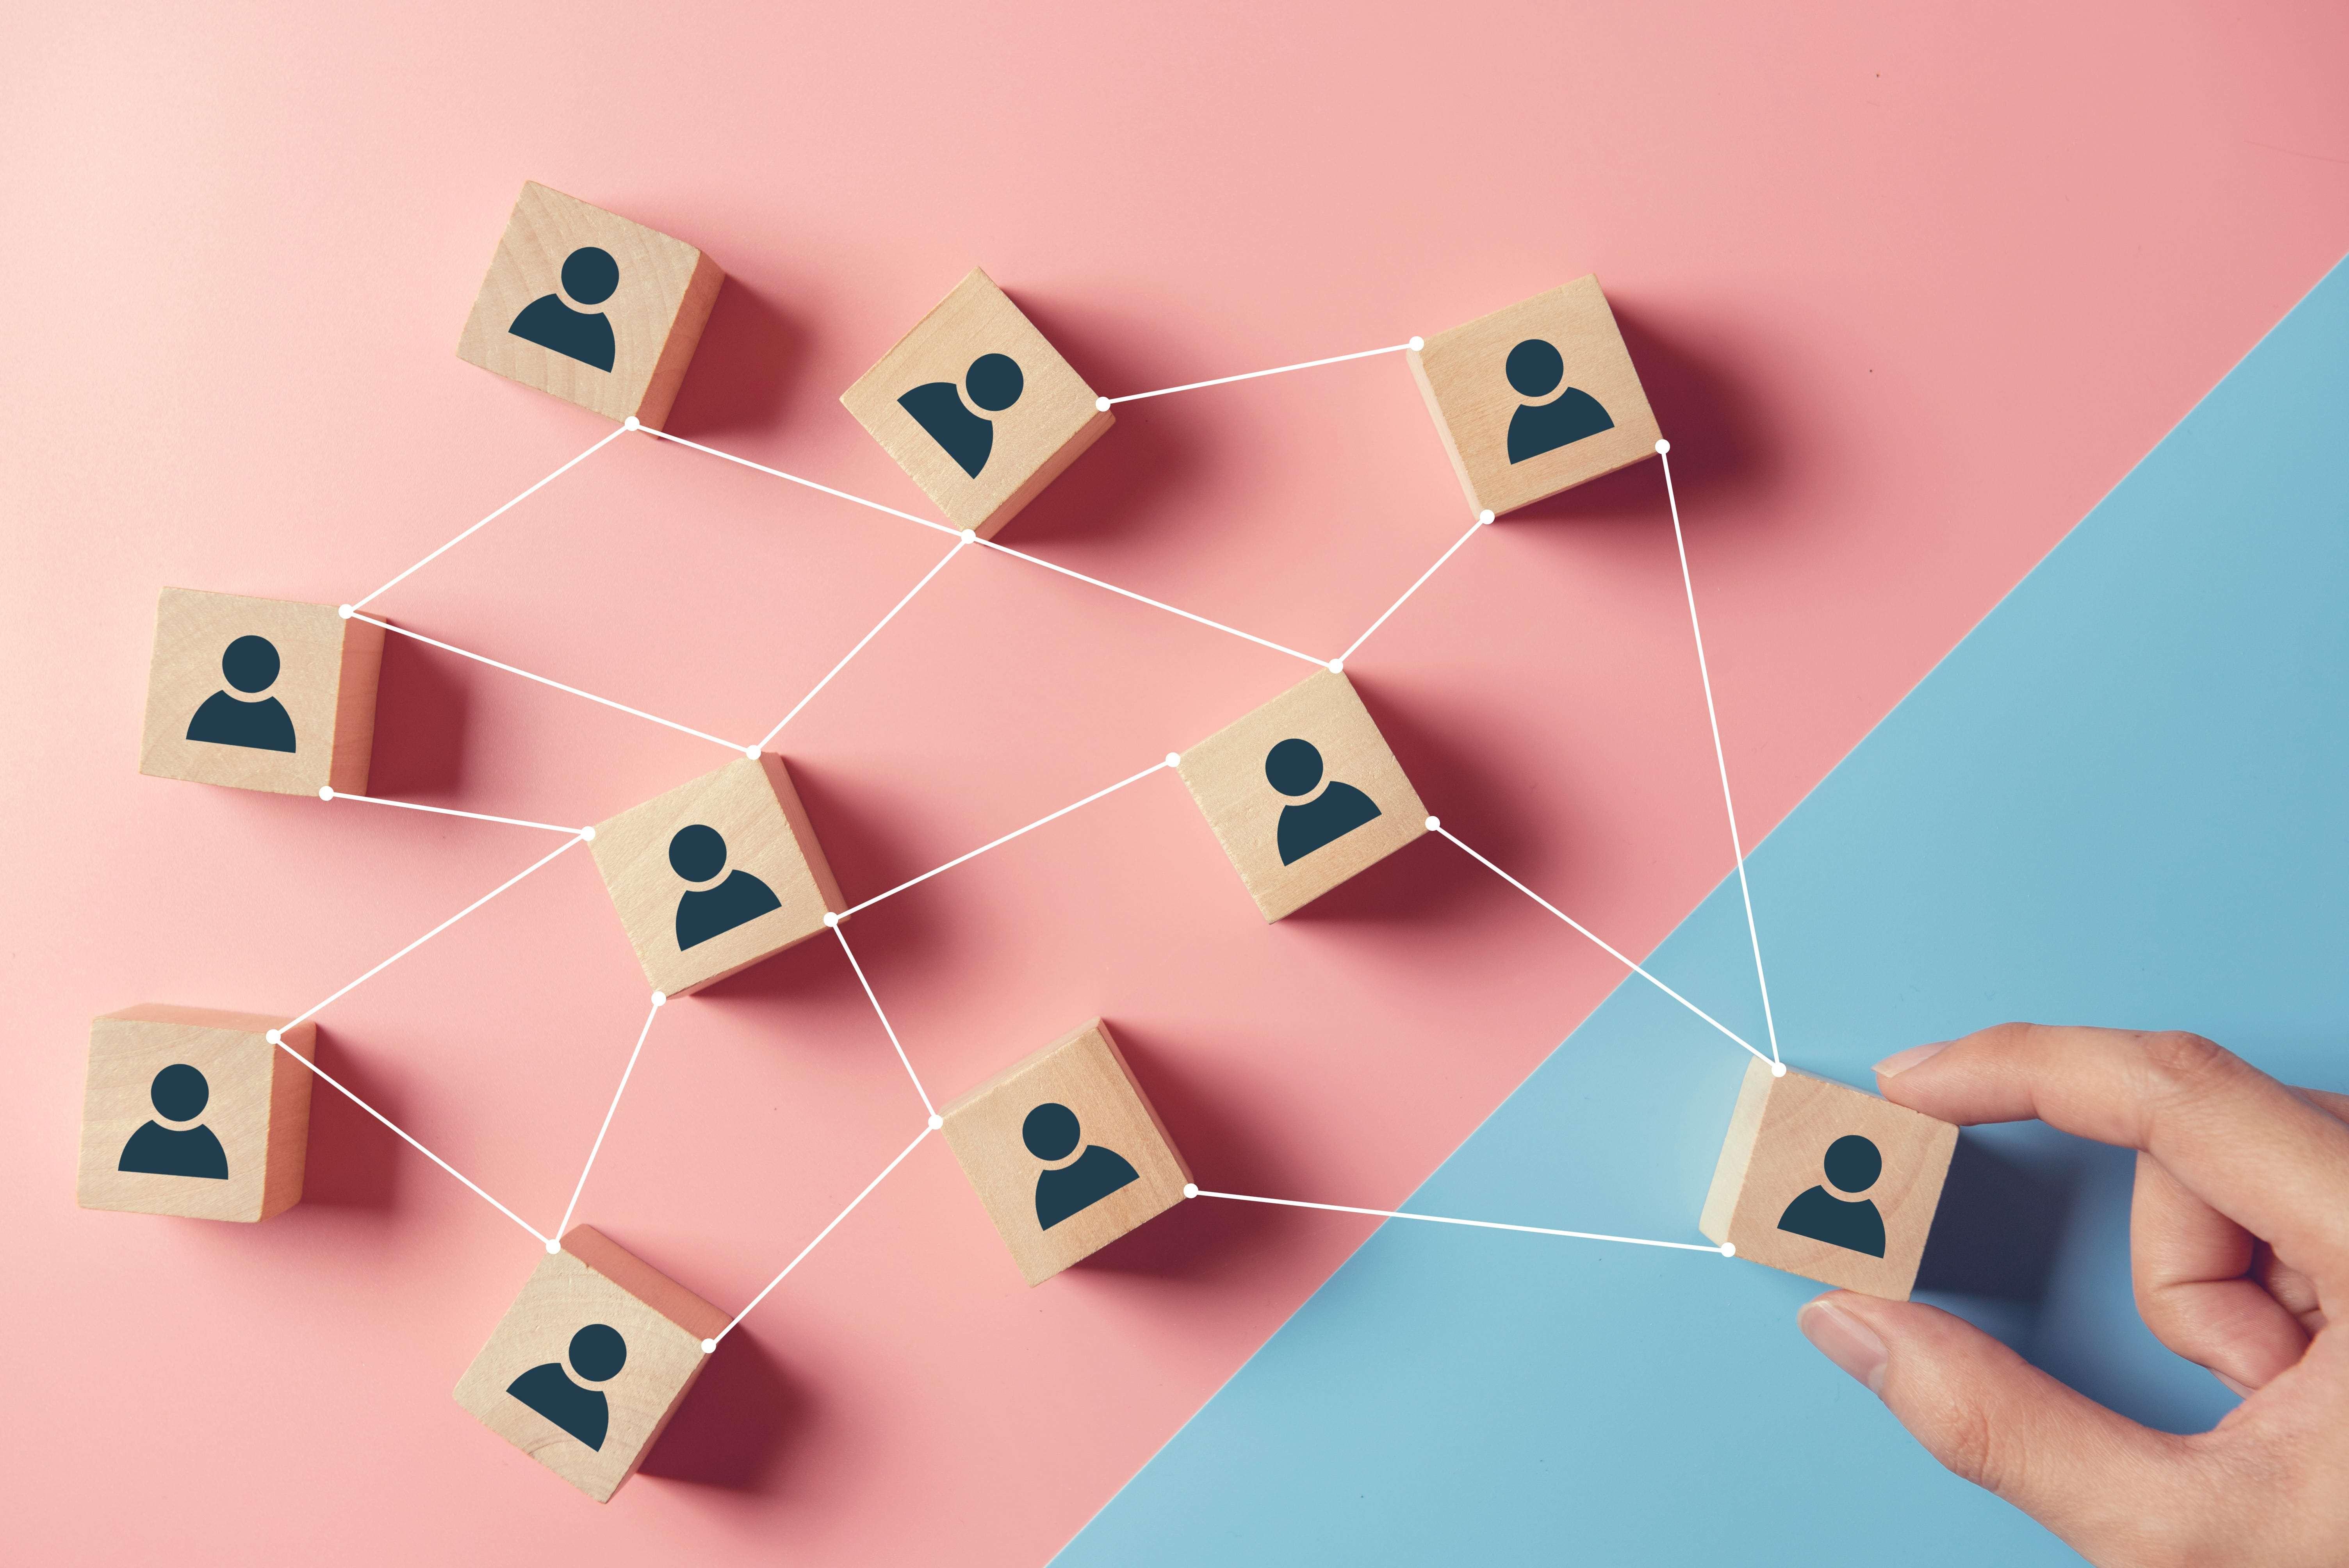 Jak zacząć skuteczne pozyskiwanie klientów?